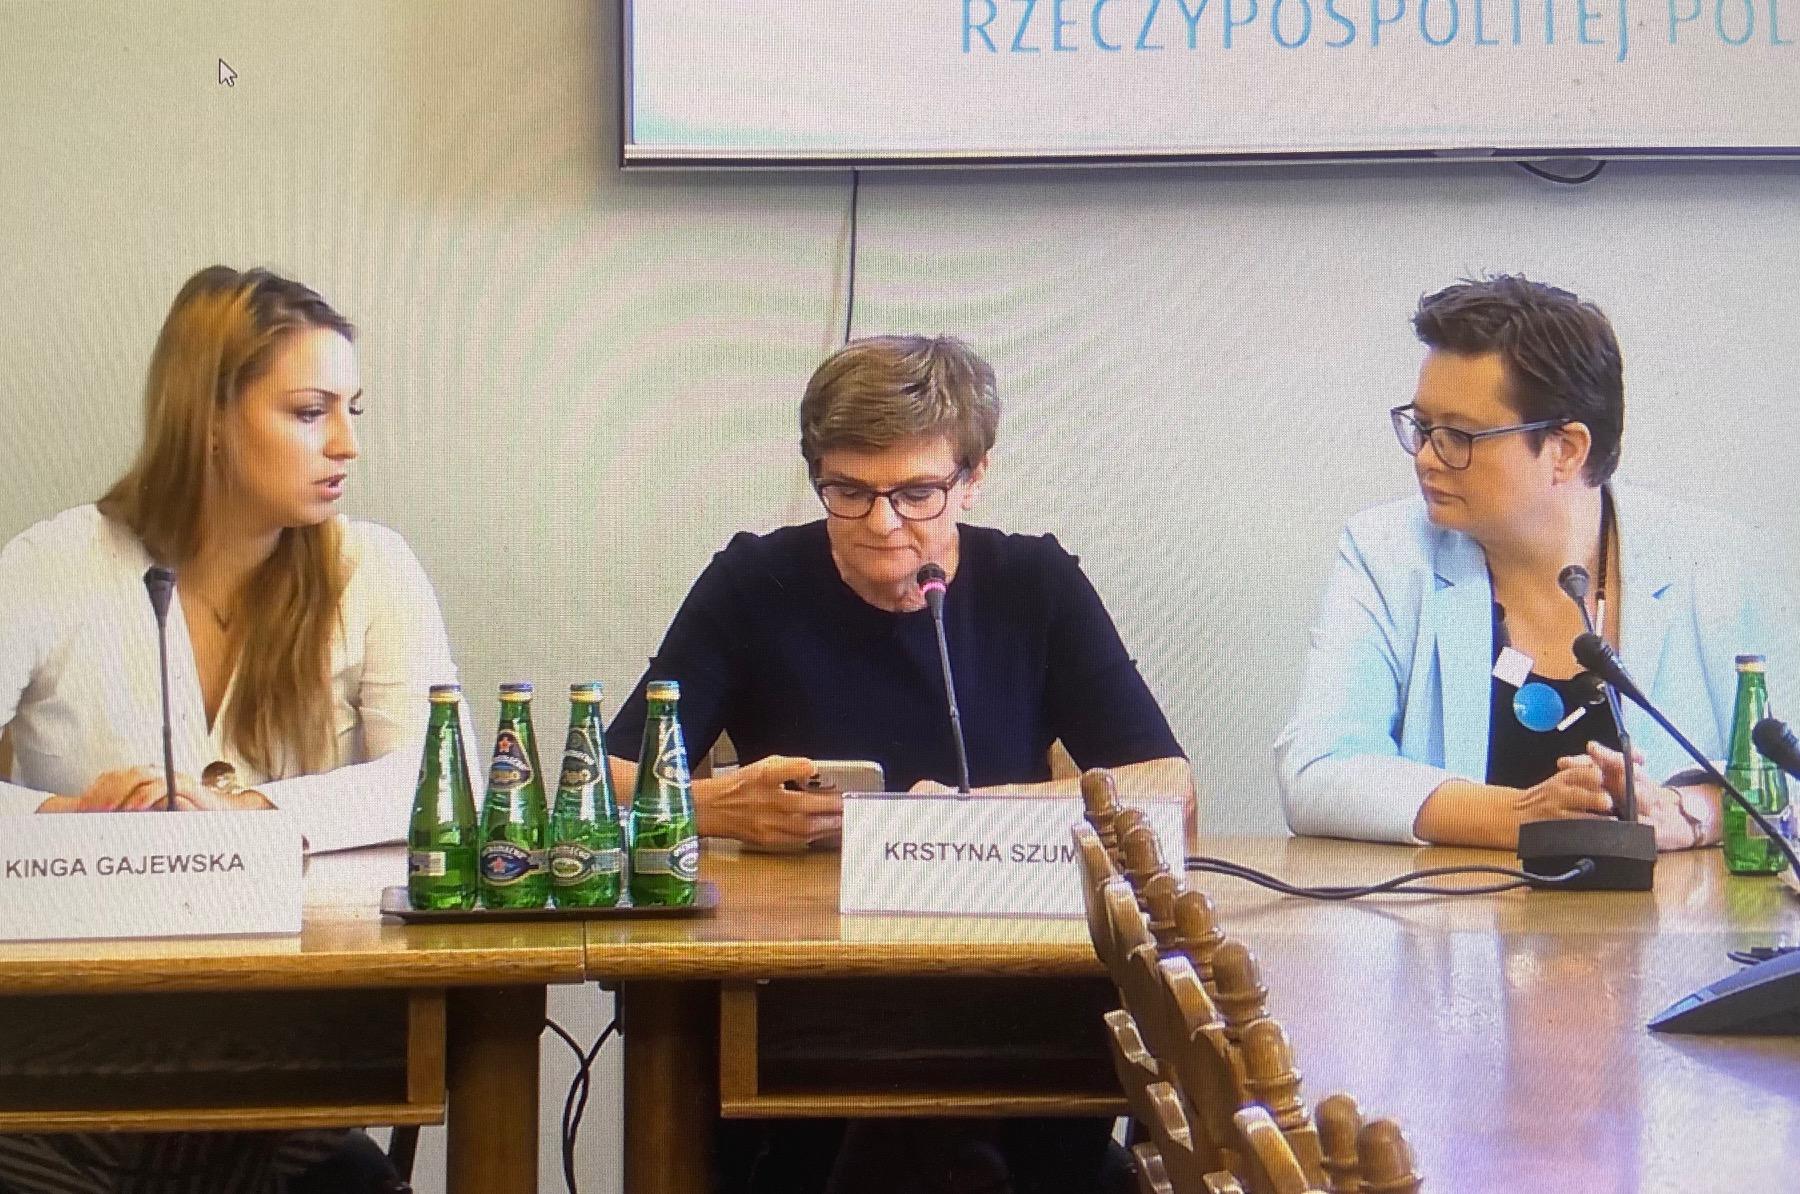 Konsultacje ws. rozpoczęcia nowego roku szkolnego z udziałem ekspertów i parlamentarzystów Koalicji Obywatelskiej.